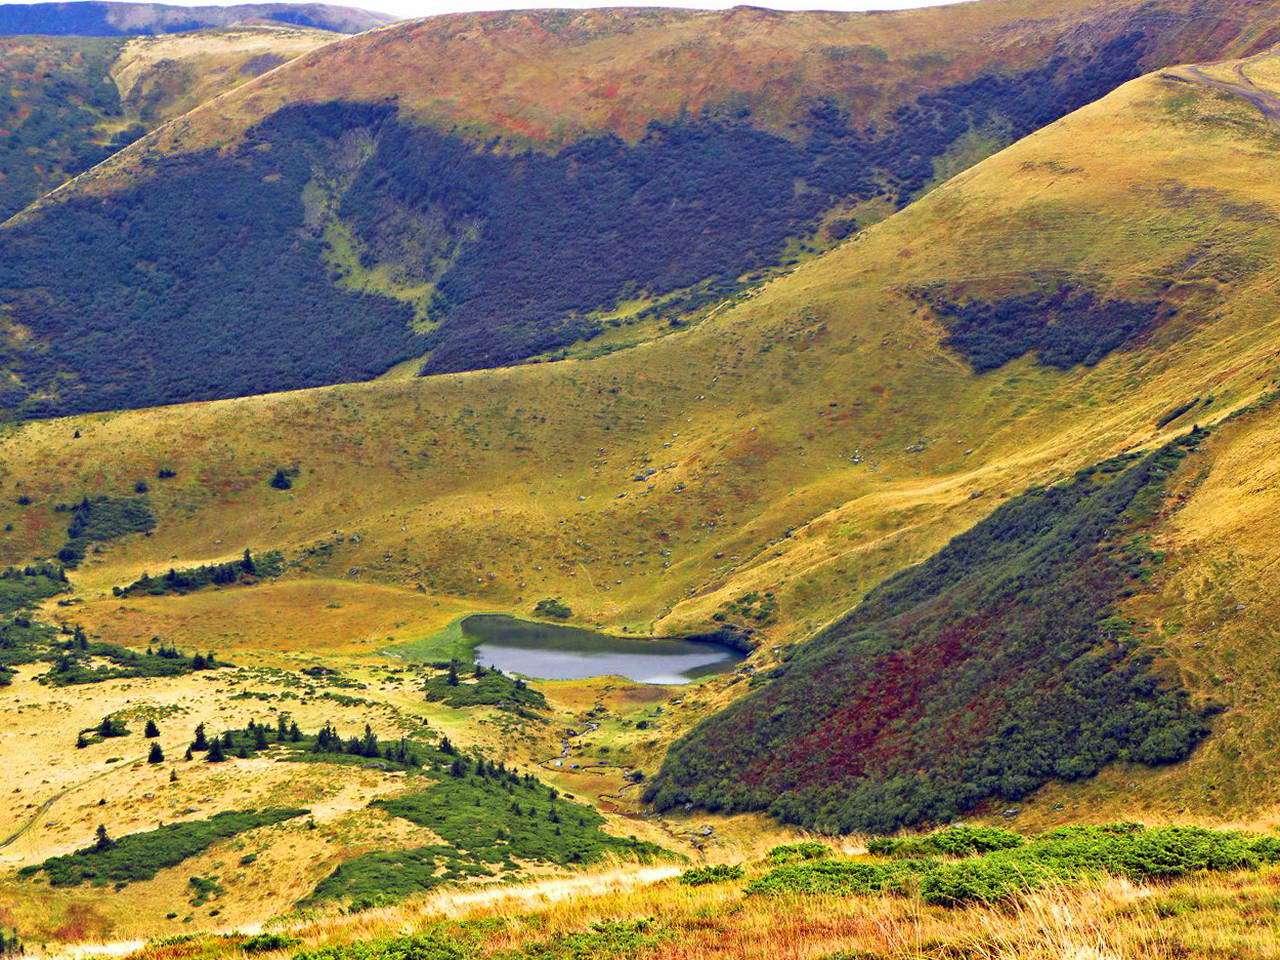 Озеро Апшинець, Закарпатська область